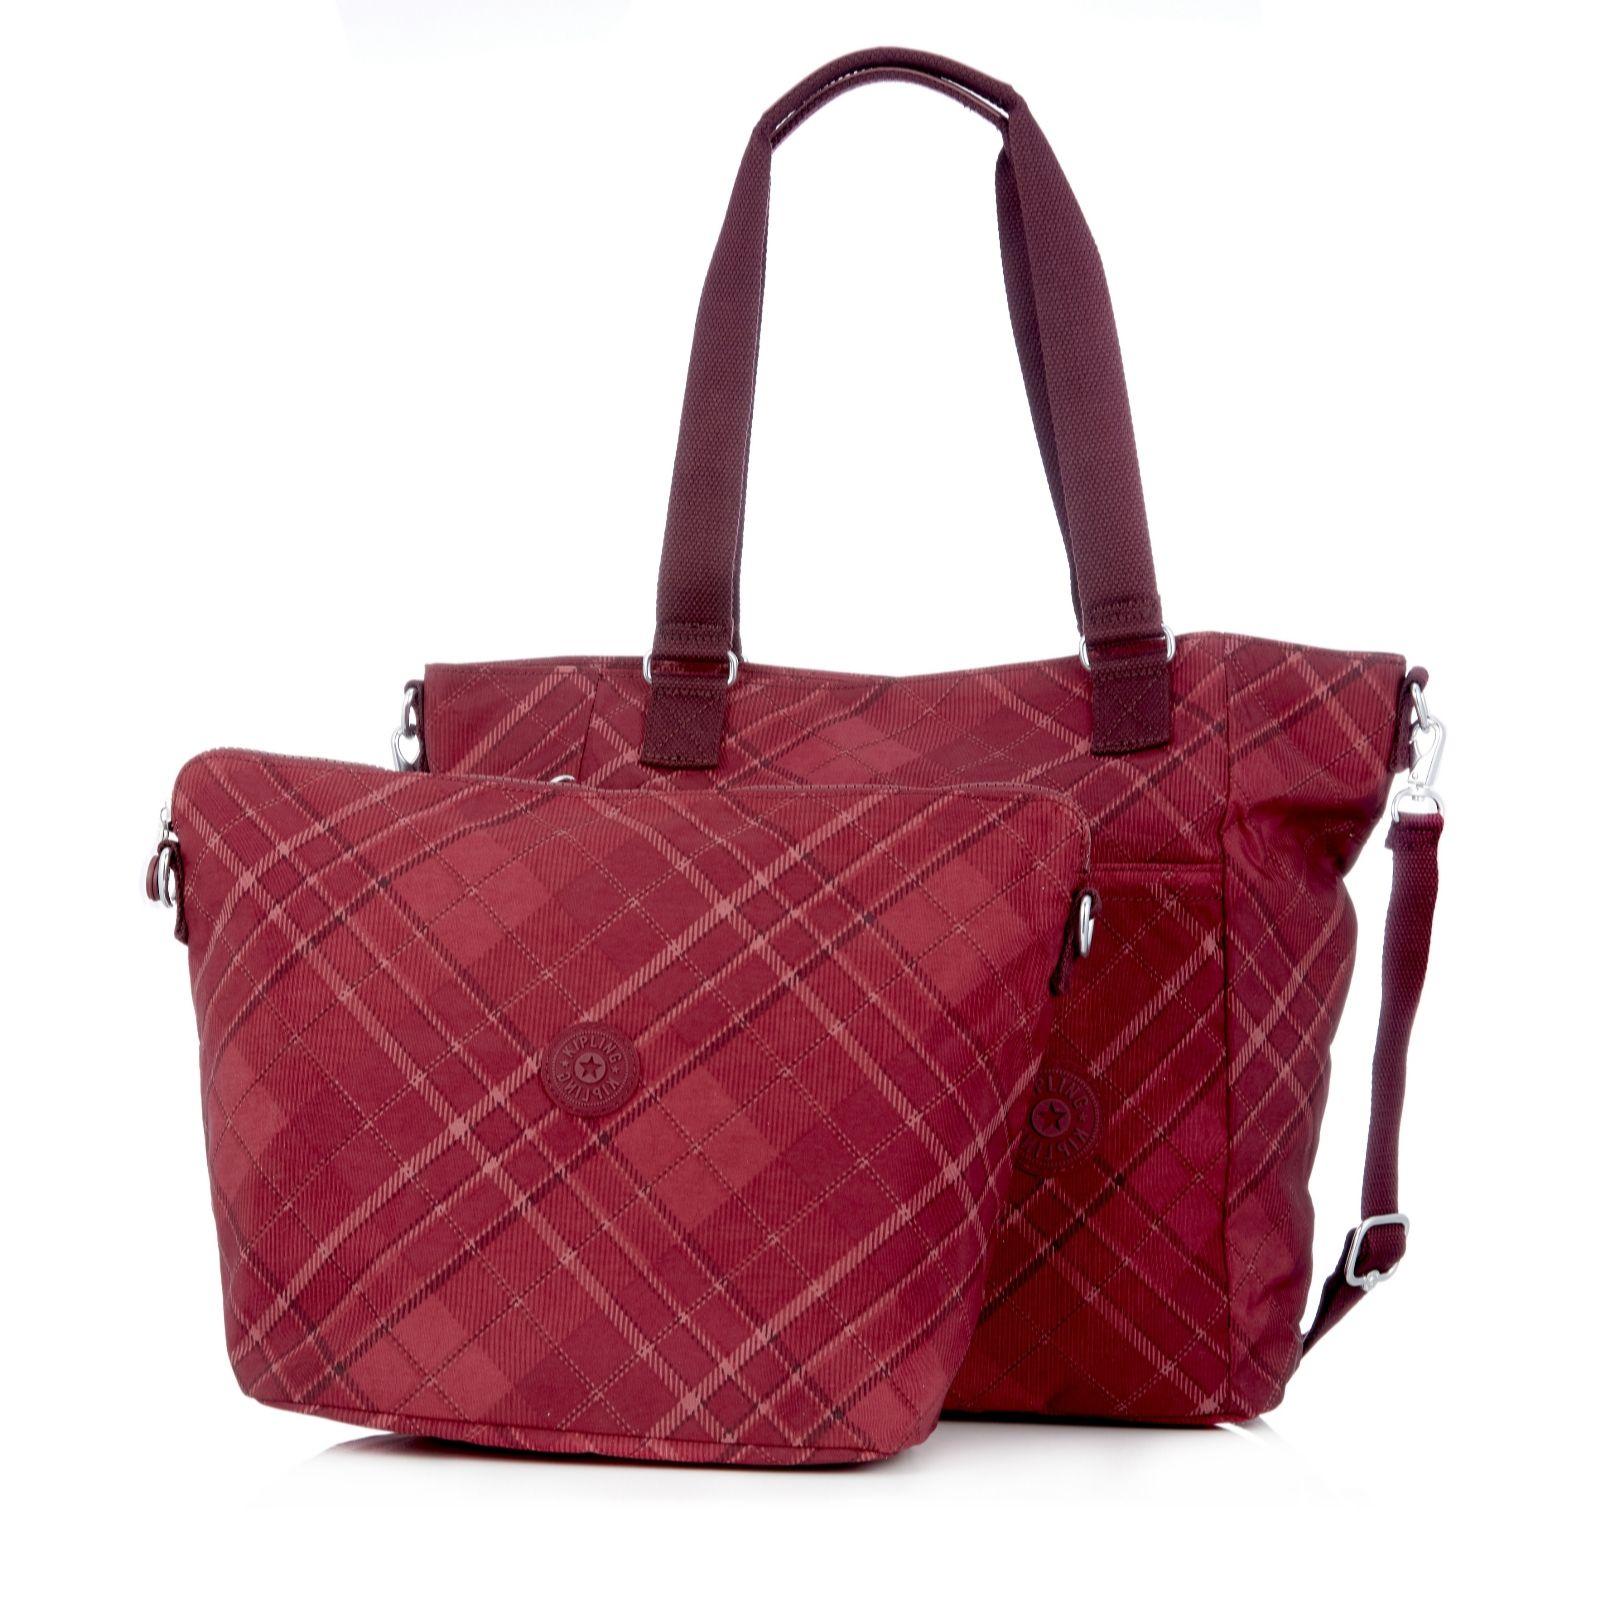 Kipling Audria Large 2 in 1 Tote Bag with Shoulder Strap ...